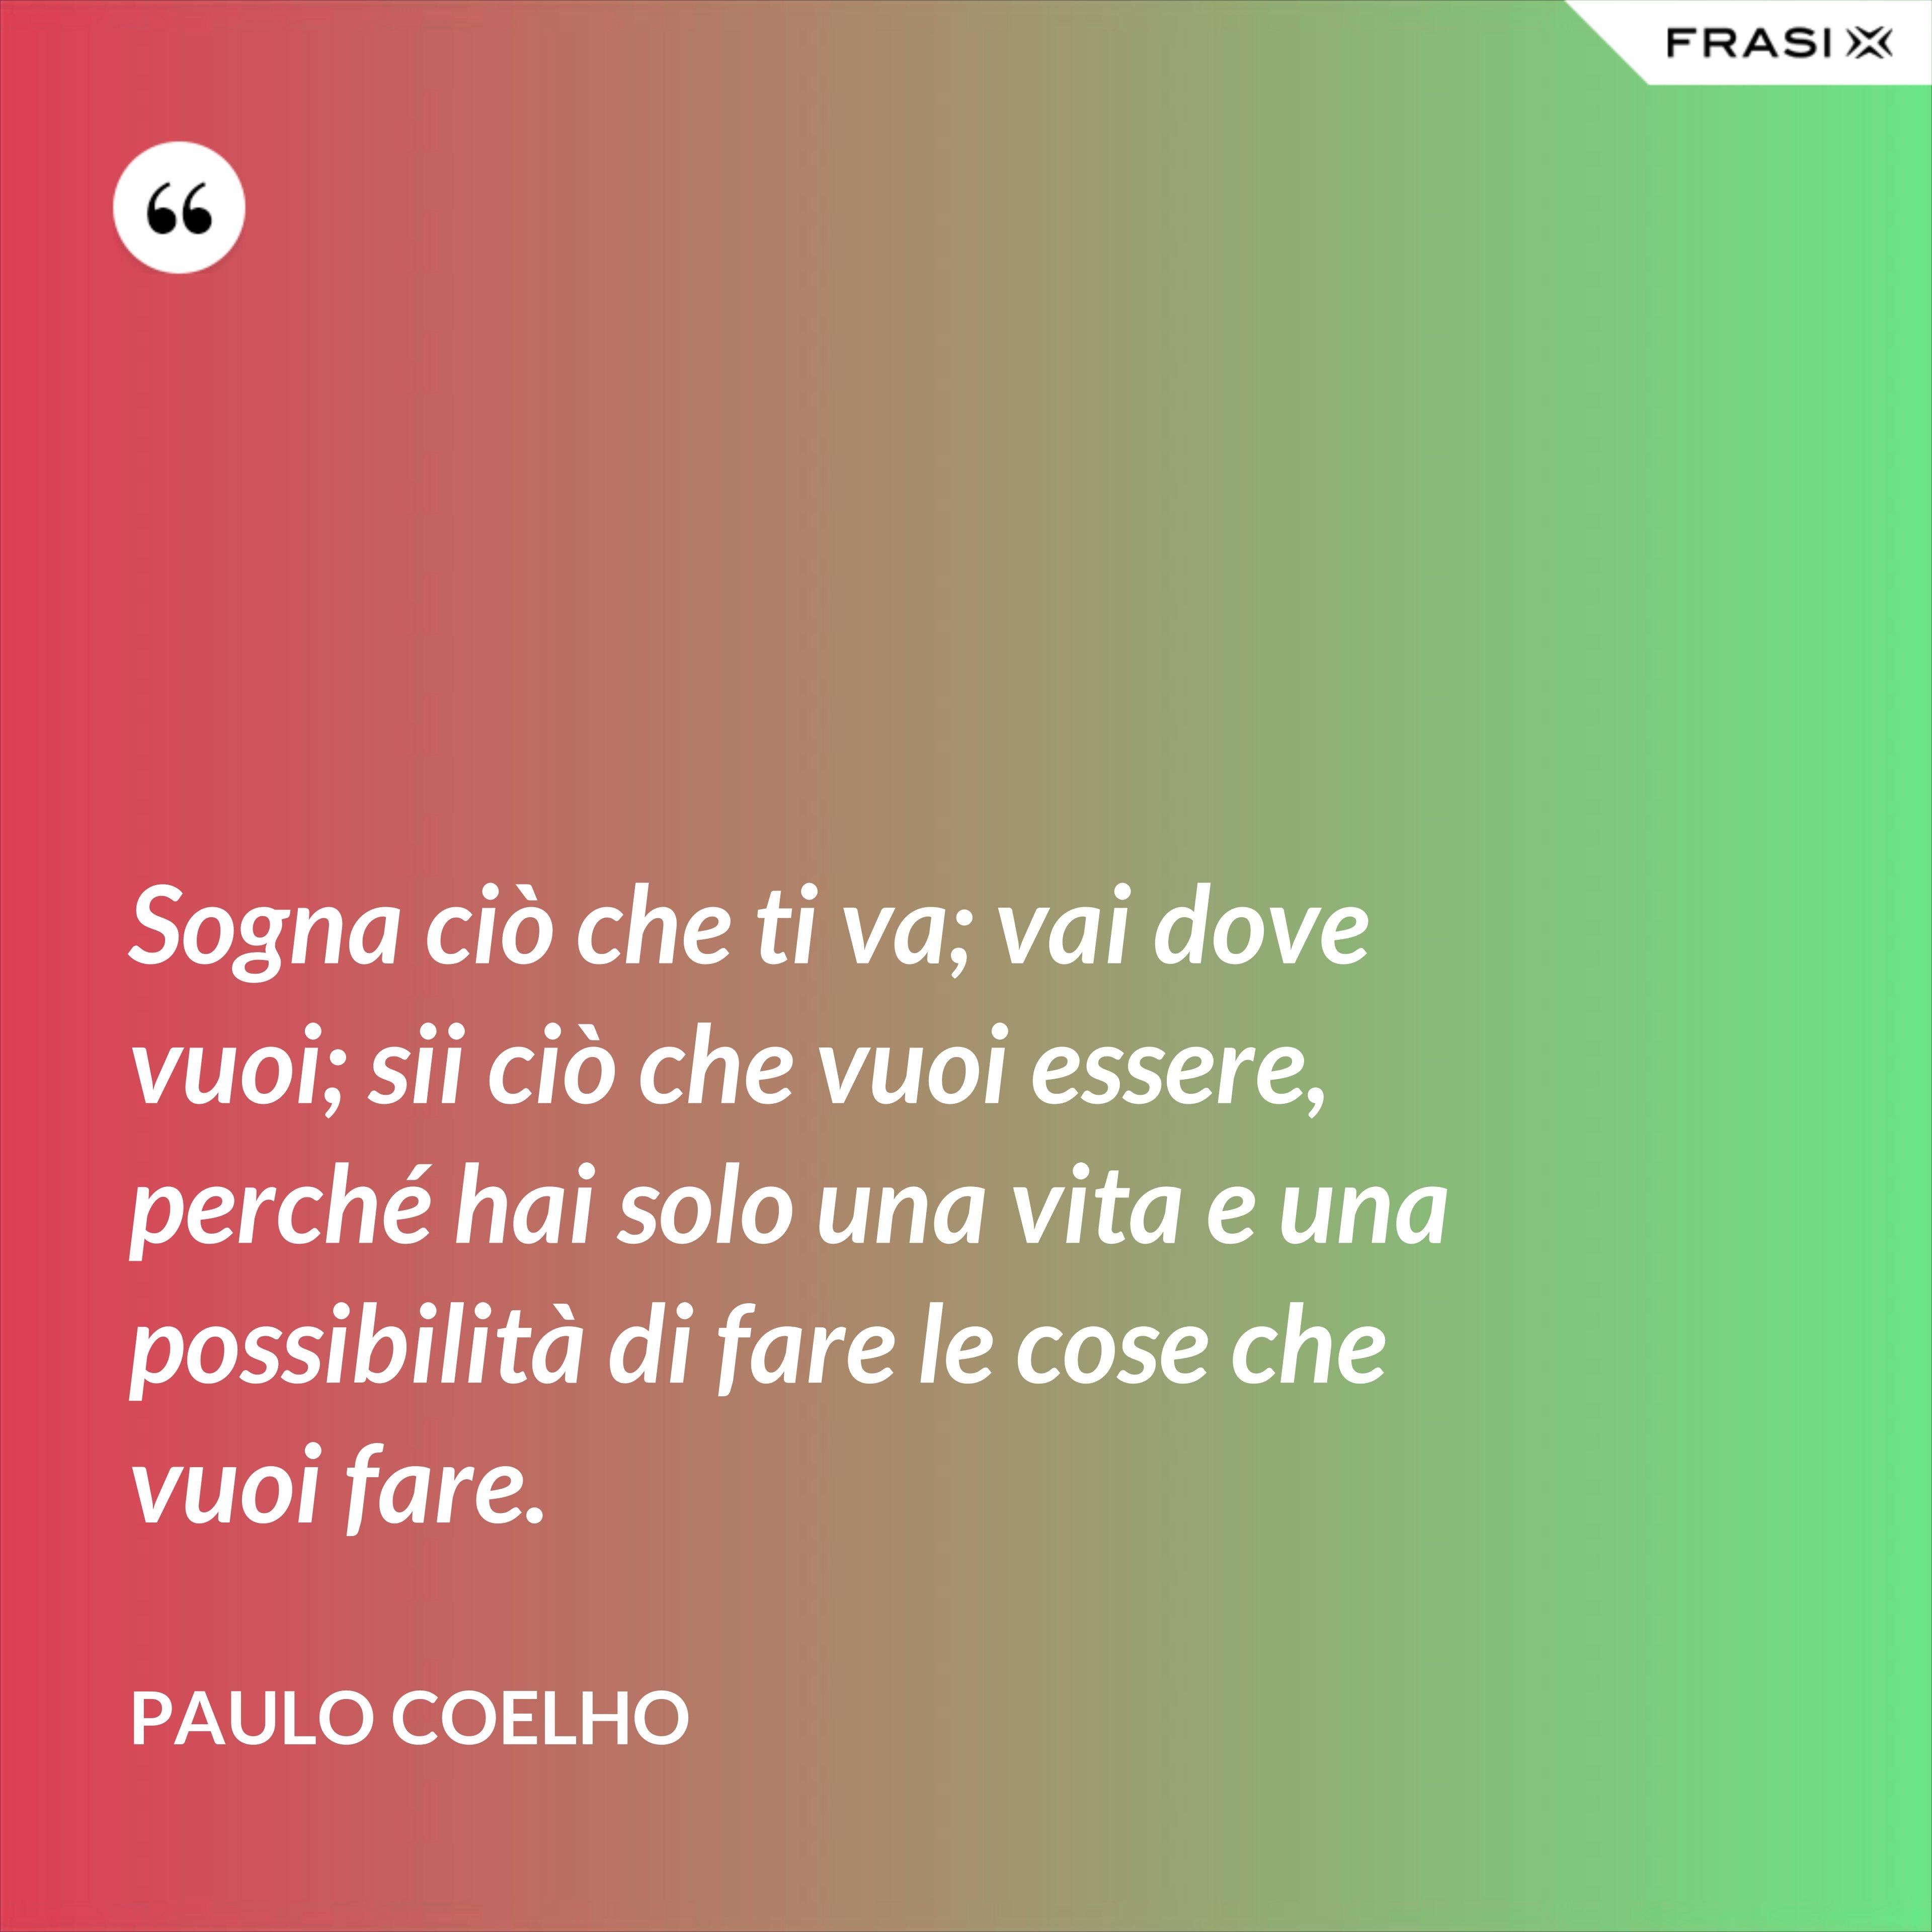 Sogna ciò che ti va; vai dove vuoi; sii ciò che vuoi essere, perché hai solo una vita e una possibilità di fare le cose che vuoi fare. - Paulo Coelho